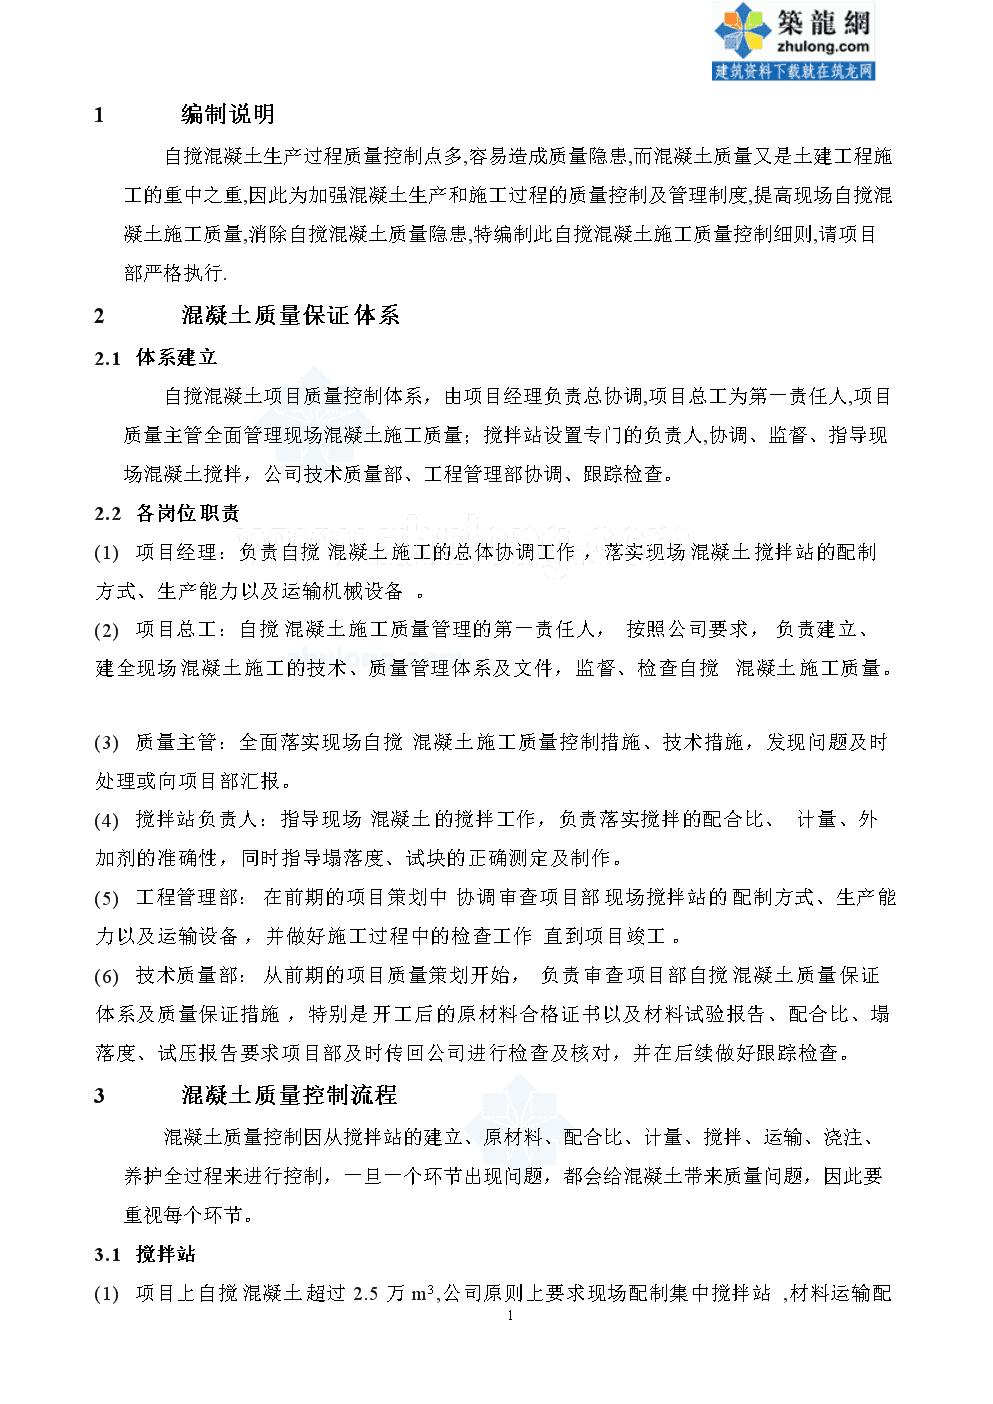 自搅混凝土施工质量控制细则.doc